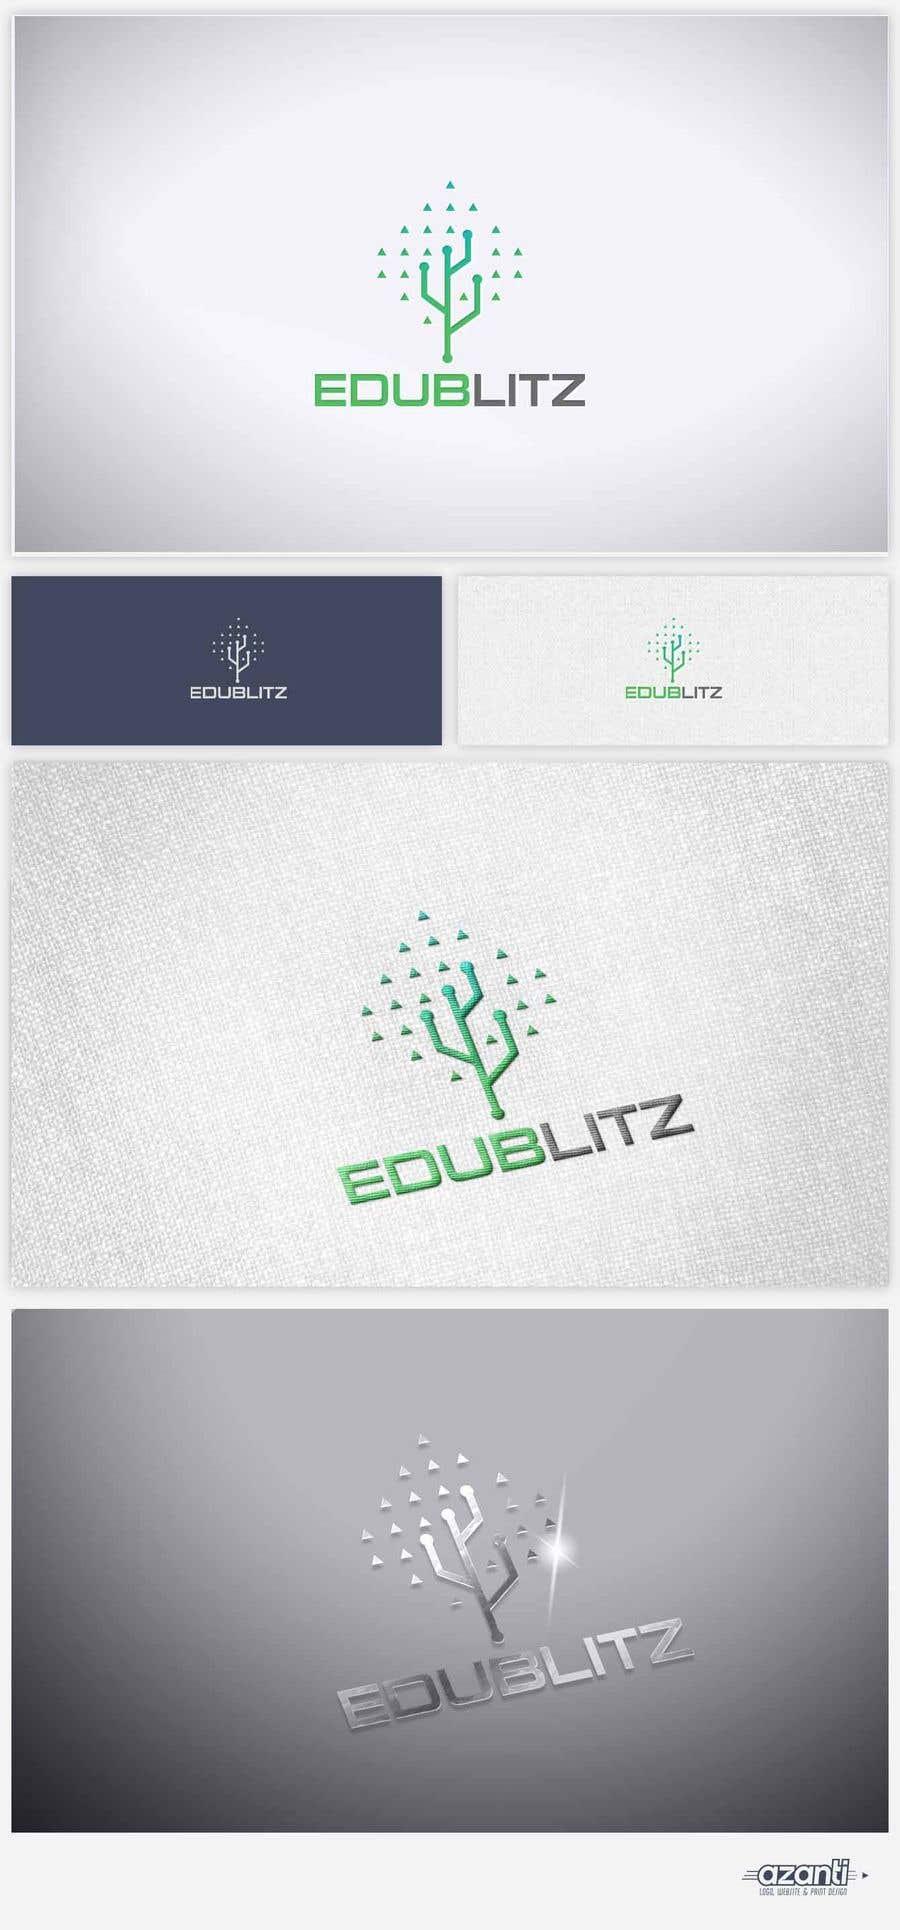 Contest Entry #293 for Company Logo Design Contest